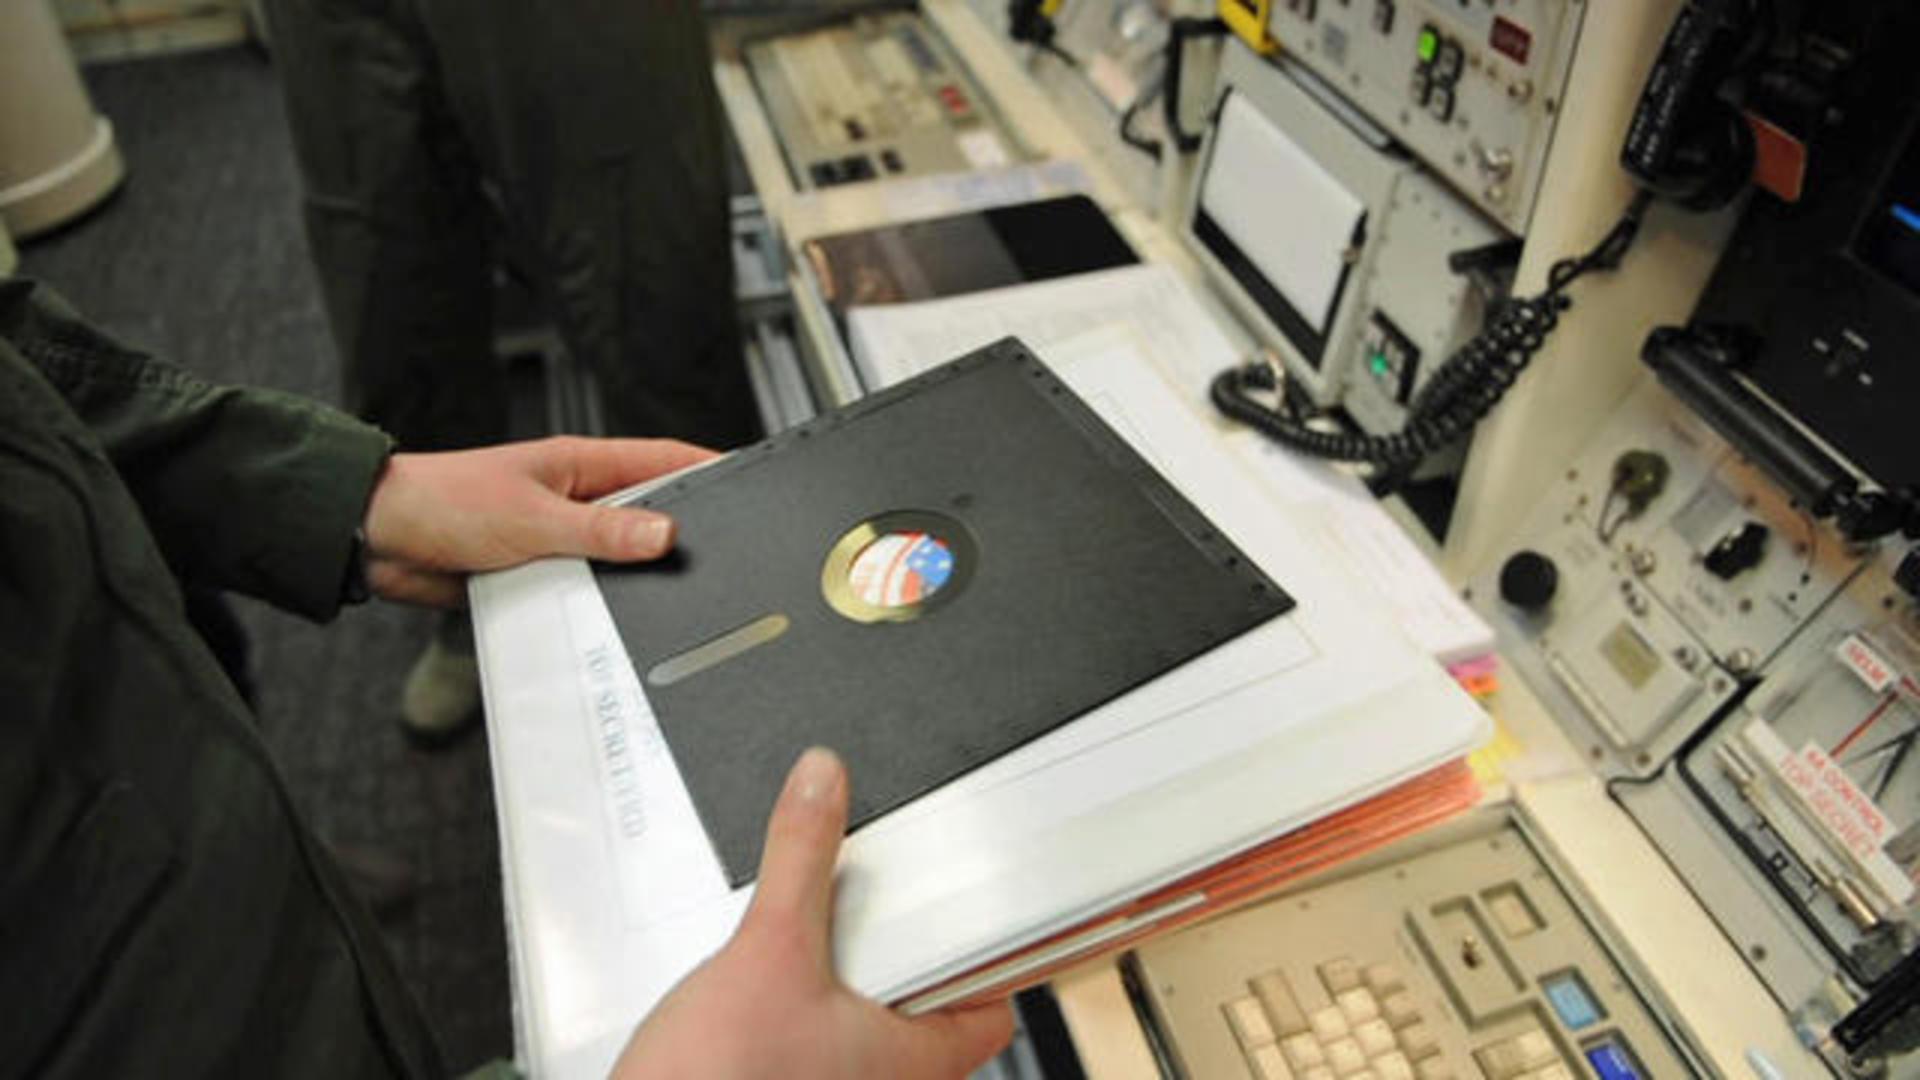 磁碟片不死!波音 747 直到現在仍透過 3.5 吋磁碟更新重要飛航軟體